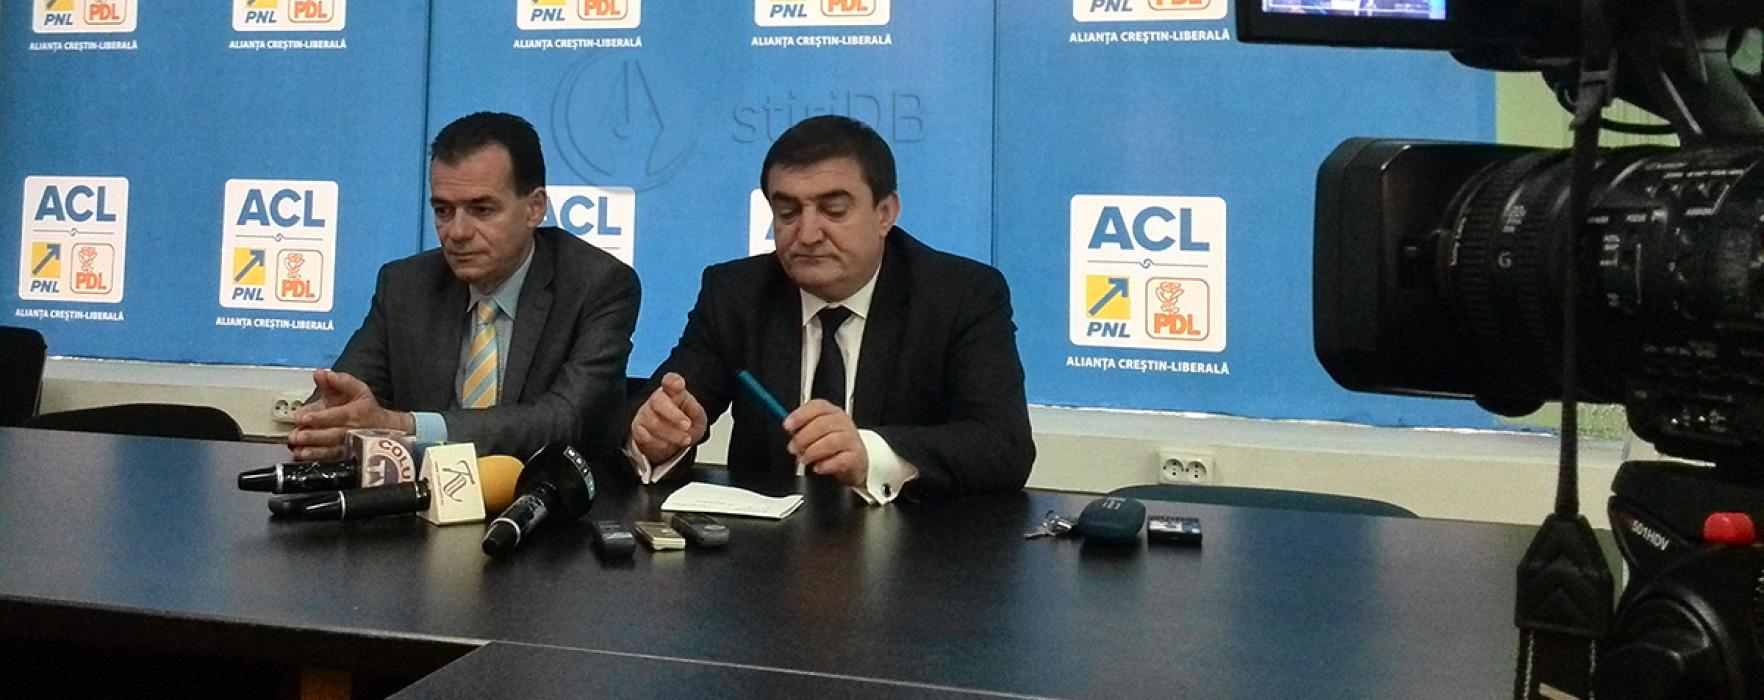 Dâmboviţa: Ponta – 57,97%, Iohannis – 42,03%, conform numărătorii paralele a ACL